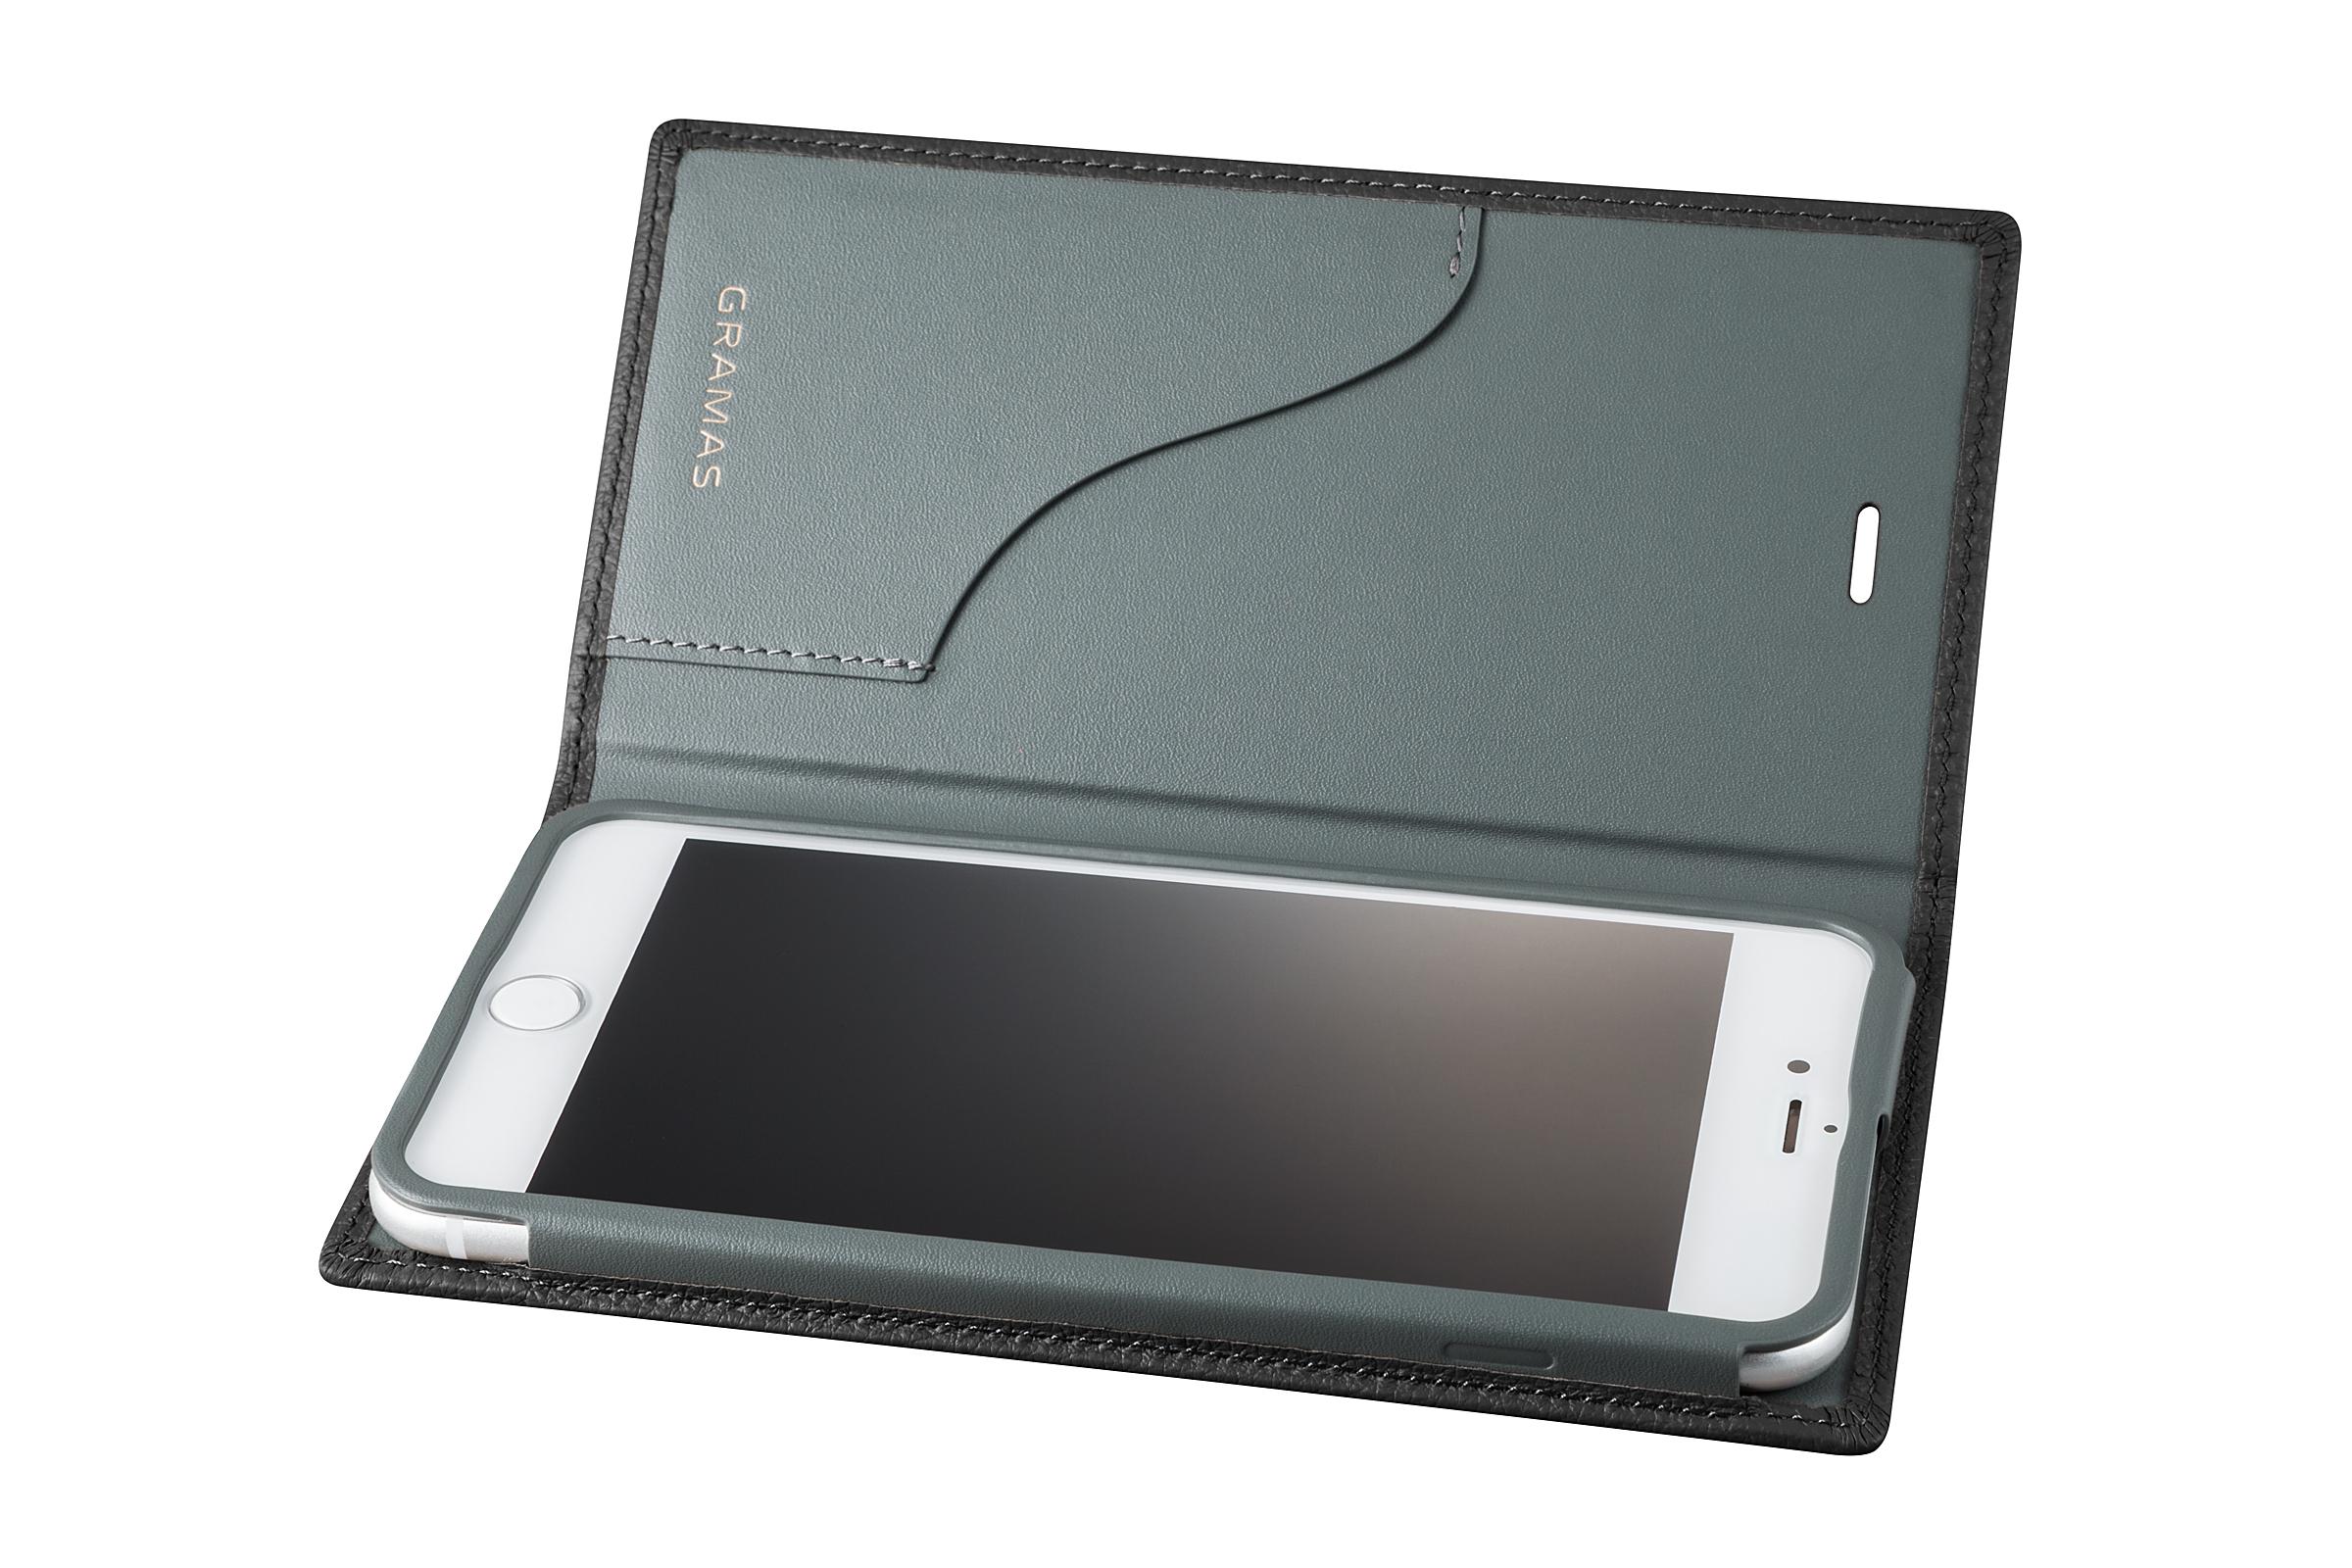 GRAMAS Shrunken-calf Full Leather Case for iPhone 7 Plus(Black) シュランケンカーフ 手帳型フルレザーケース - 画像3